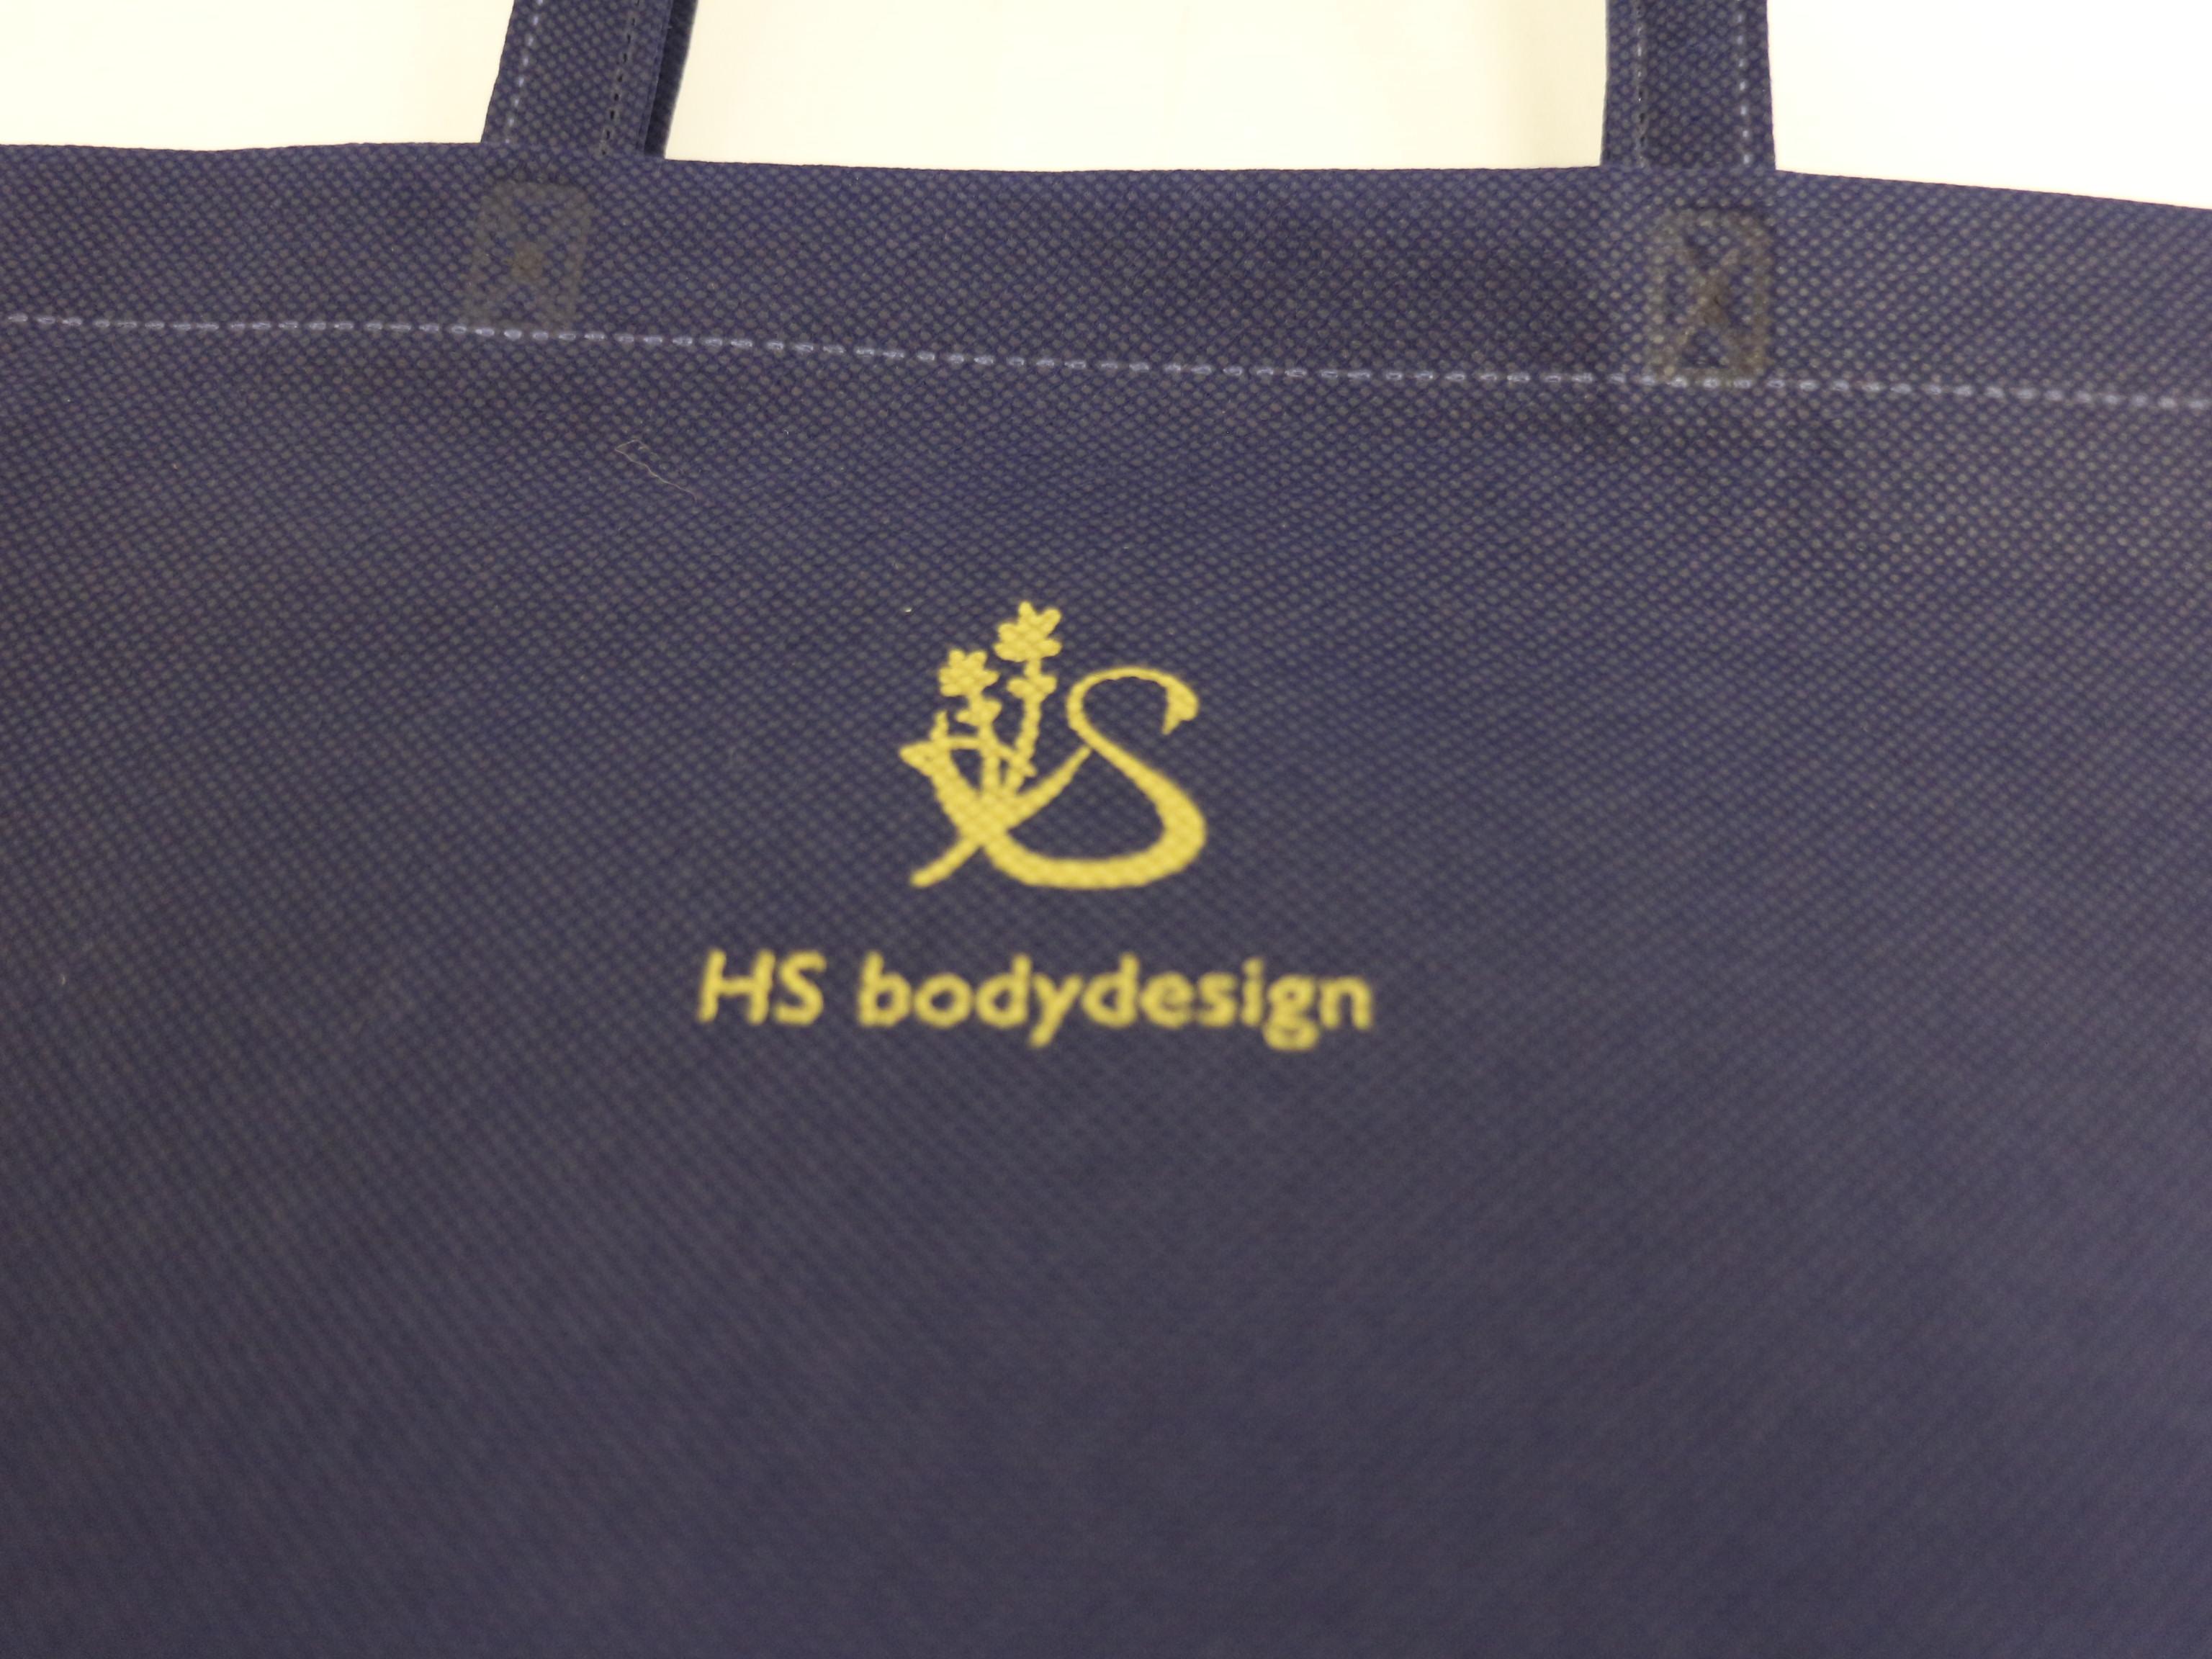 エステサロンでノベルティとしてご利用の不織布バッグ